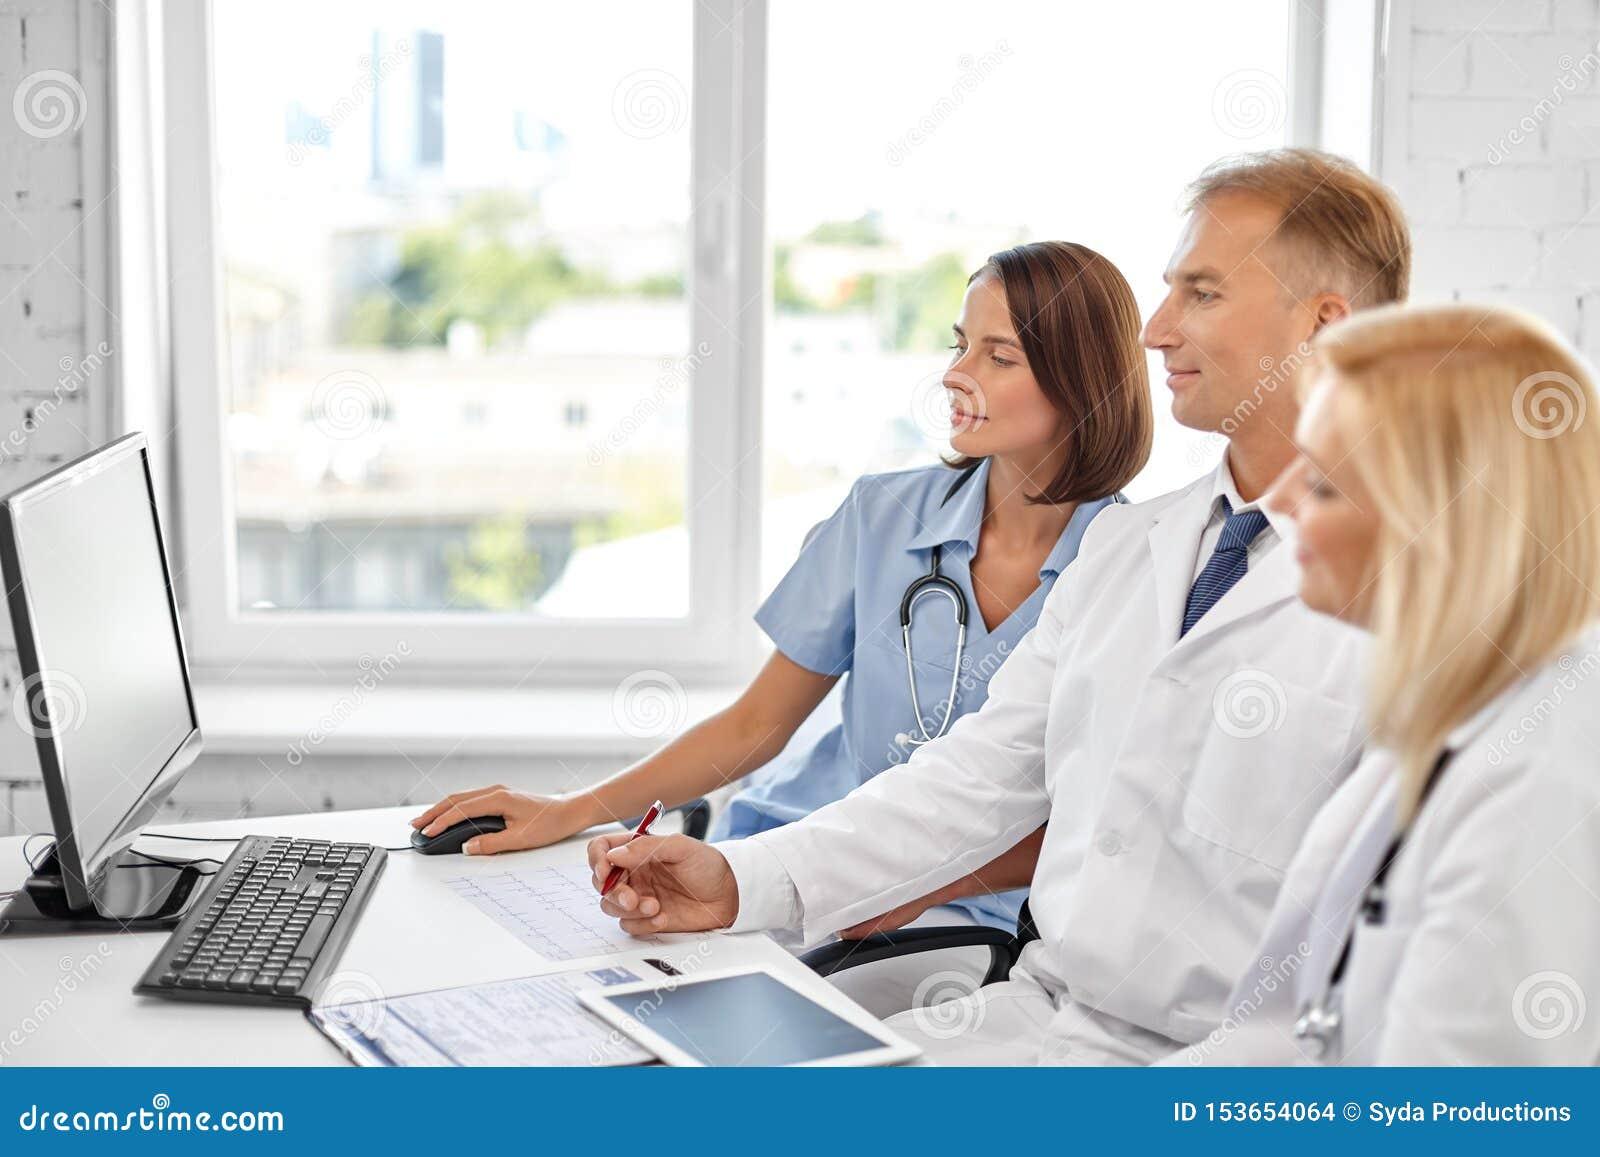 Grupo de doctores con el ordenador en el hospital